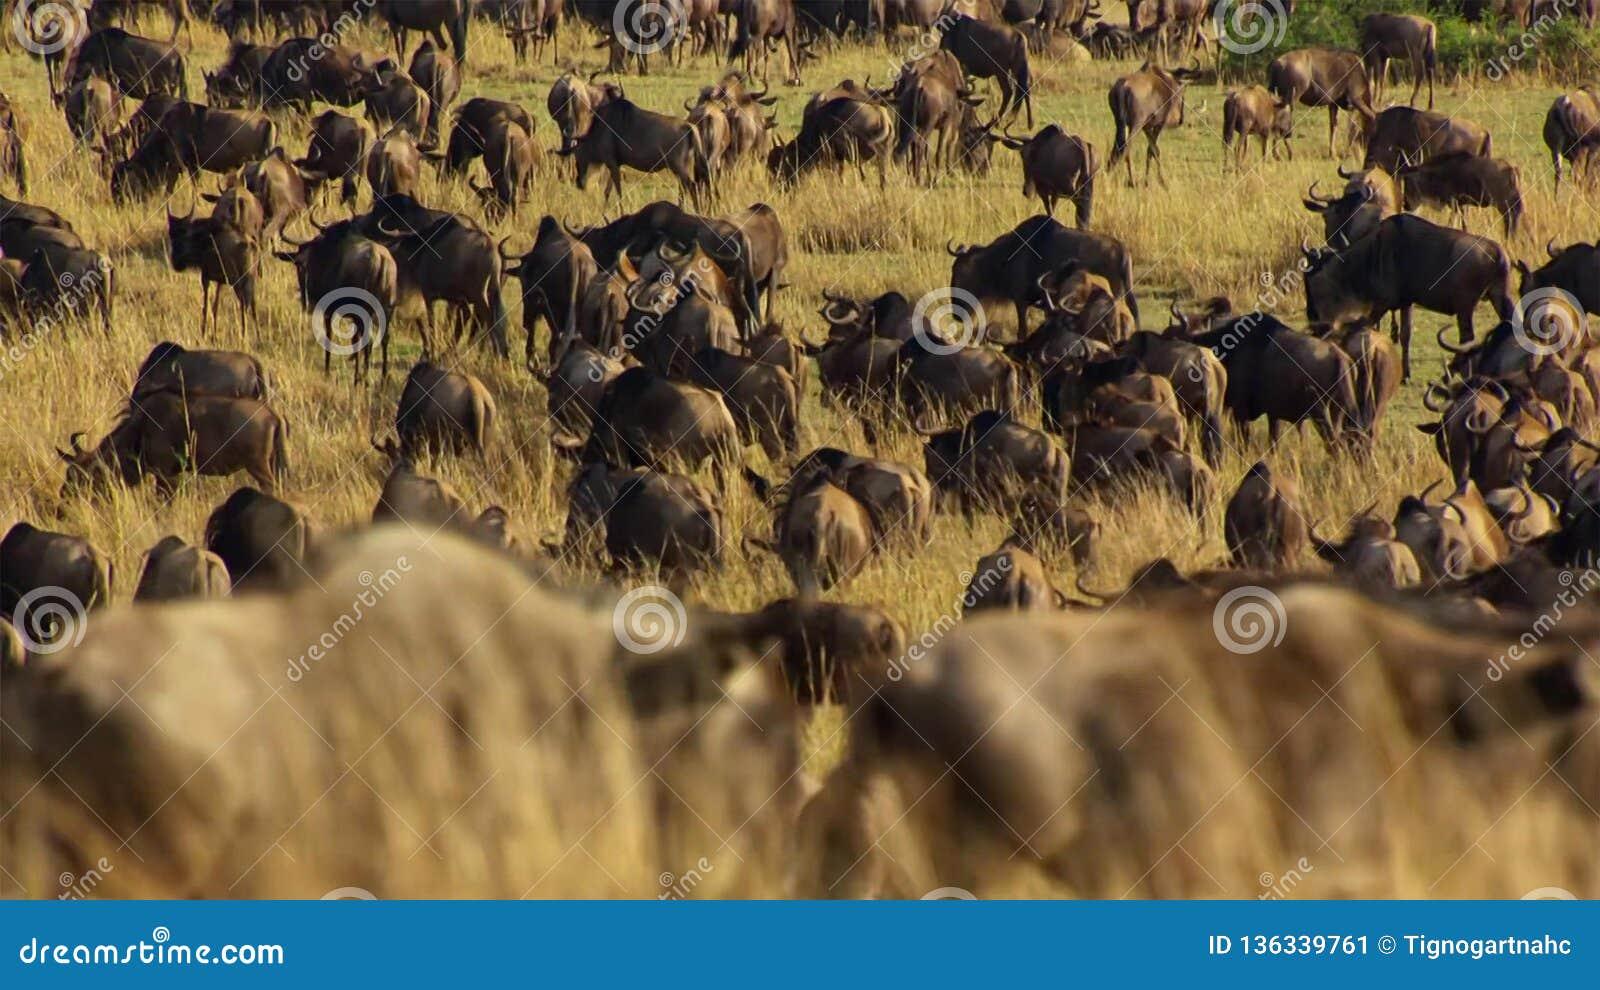 En torr säsong tar hållen Att att undvika svält många gnu irrar den östliga afrikanska savannet som jagar regnet